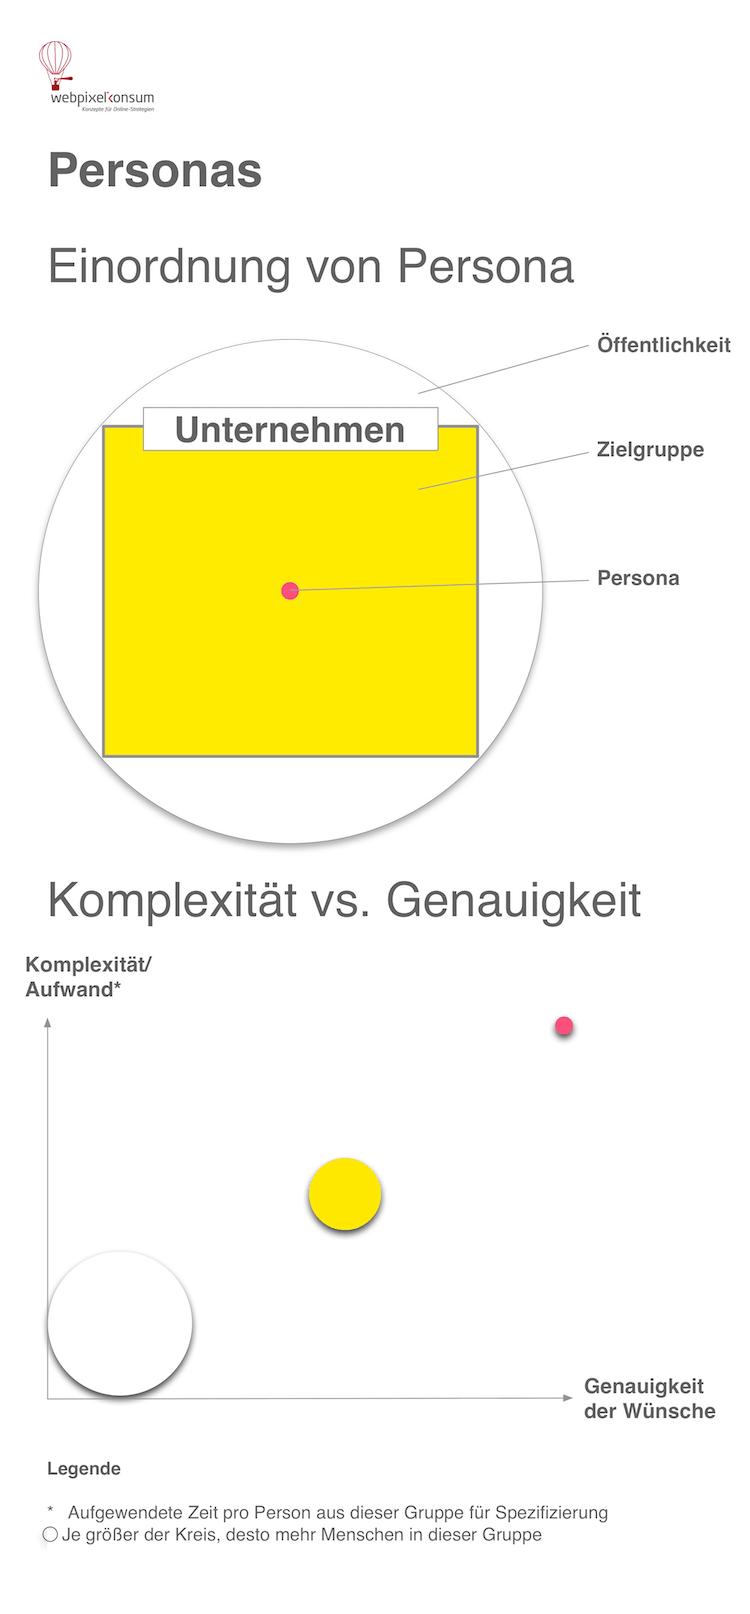 Unternehmen Zielgruppe Persona -Ihre Komplexität und Genauigkeit by webpixelkonsum - Darum ist eine Persona für die Online Strategie wichtig